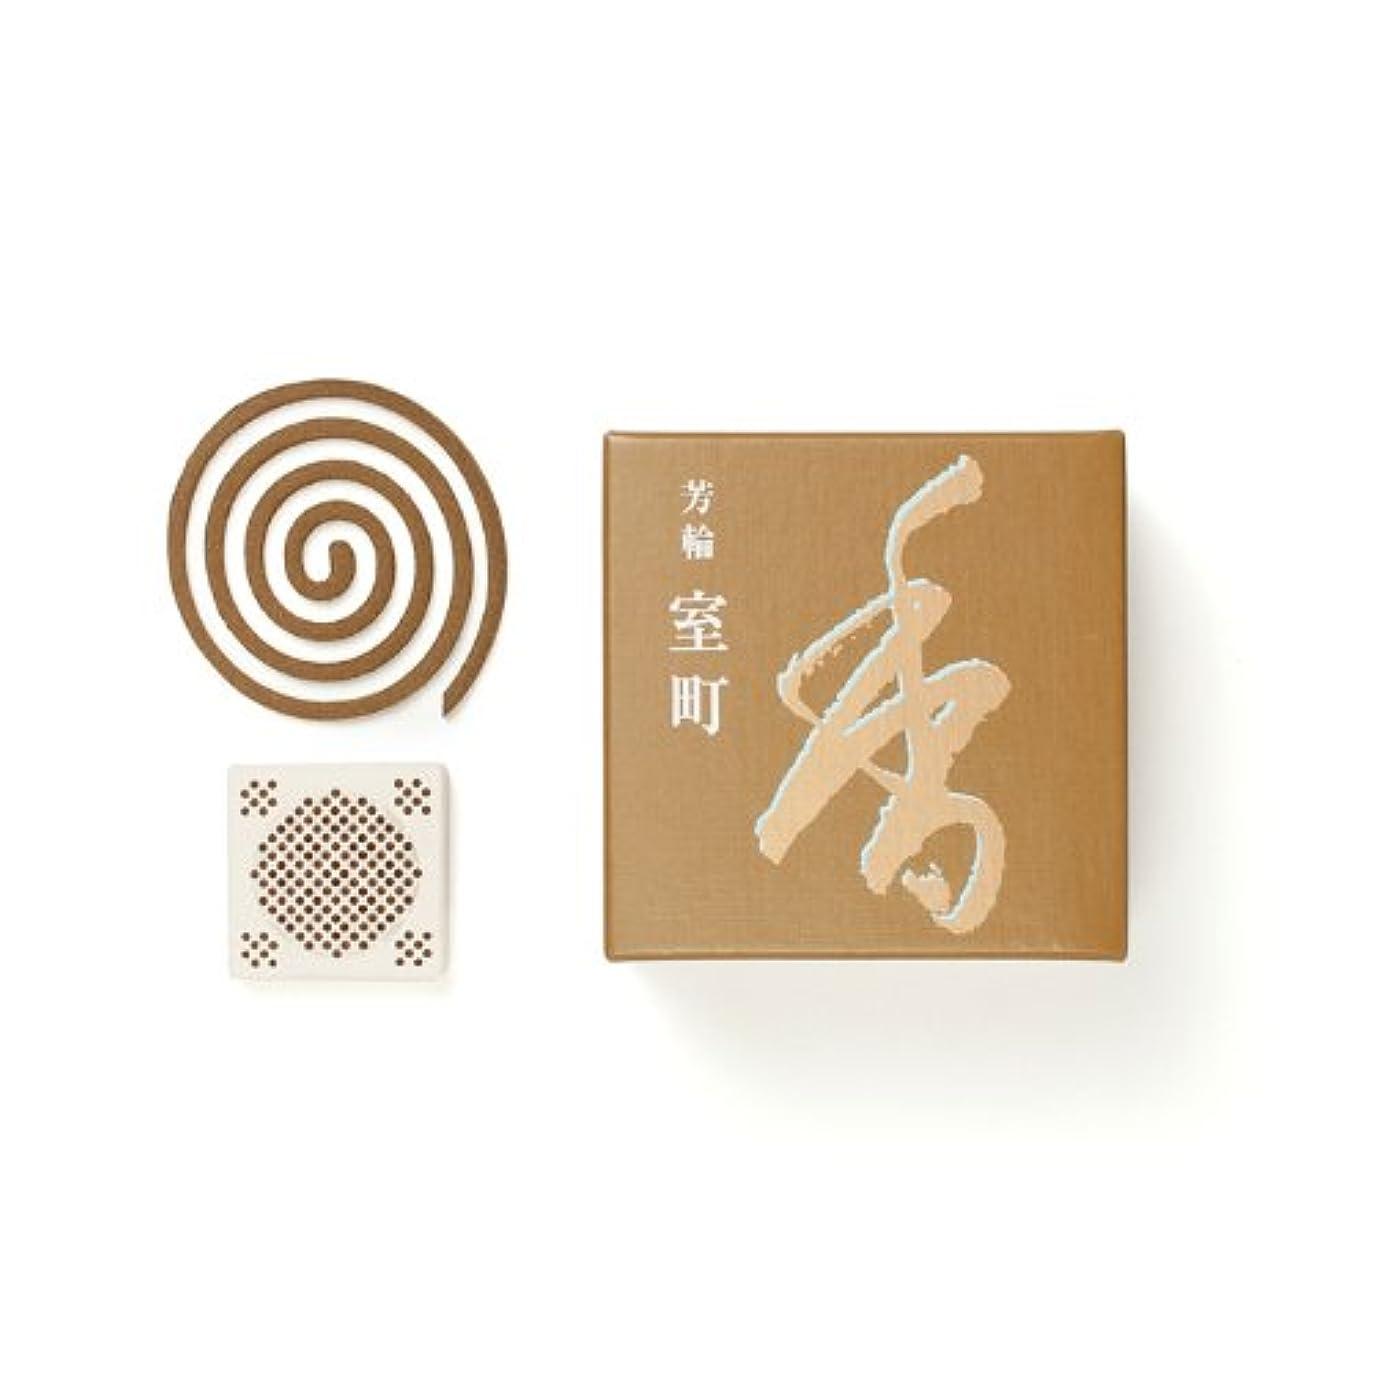 床貼り直すボット松栄堂 芳輪 室町 うず巻型10枚入